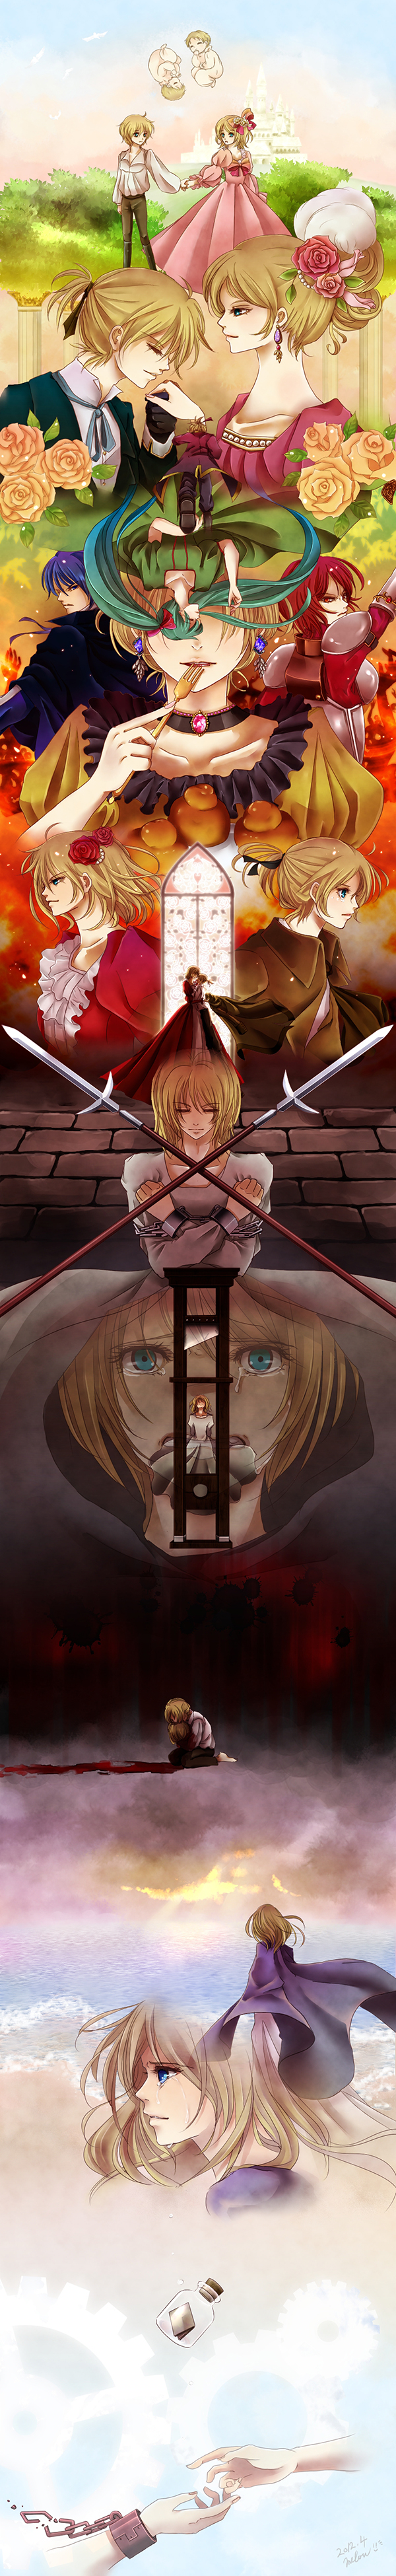 Tags: Anime, Melou, VOCALOID, MEIKO (VOCALOID), Hatsune Miku, KAITO, Kagamine Len, Kagamine Rin, Akuno-p, Story of Evil